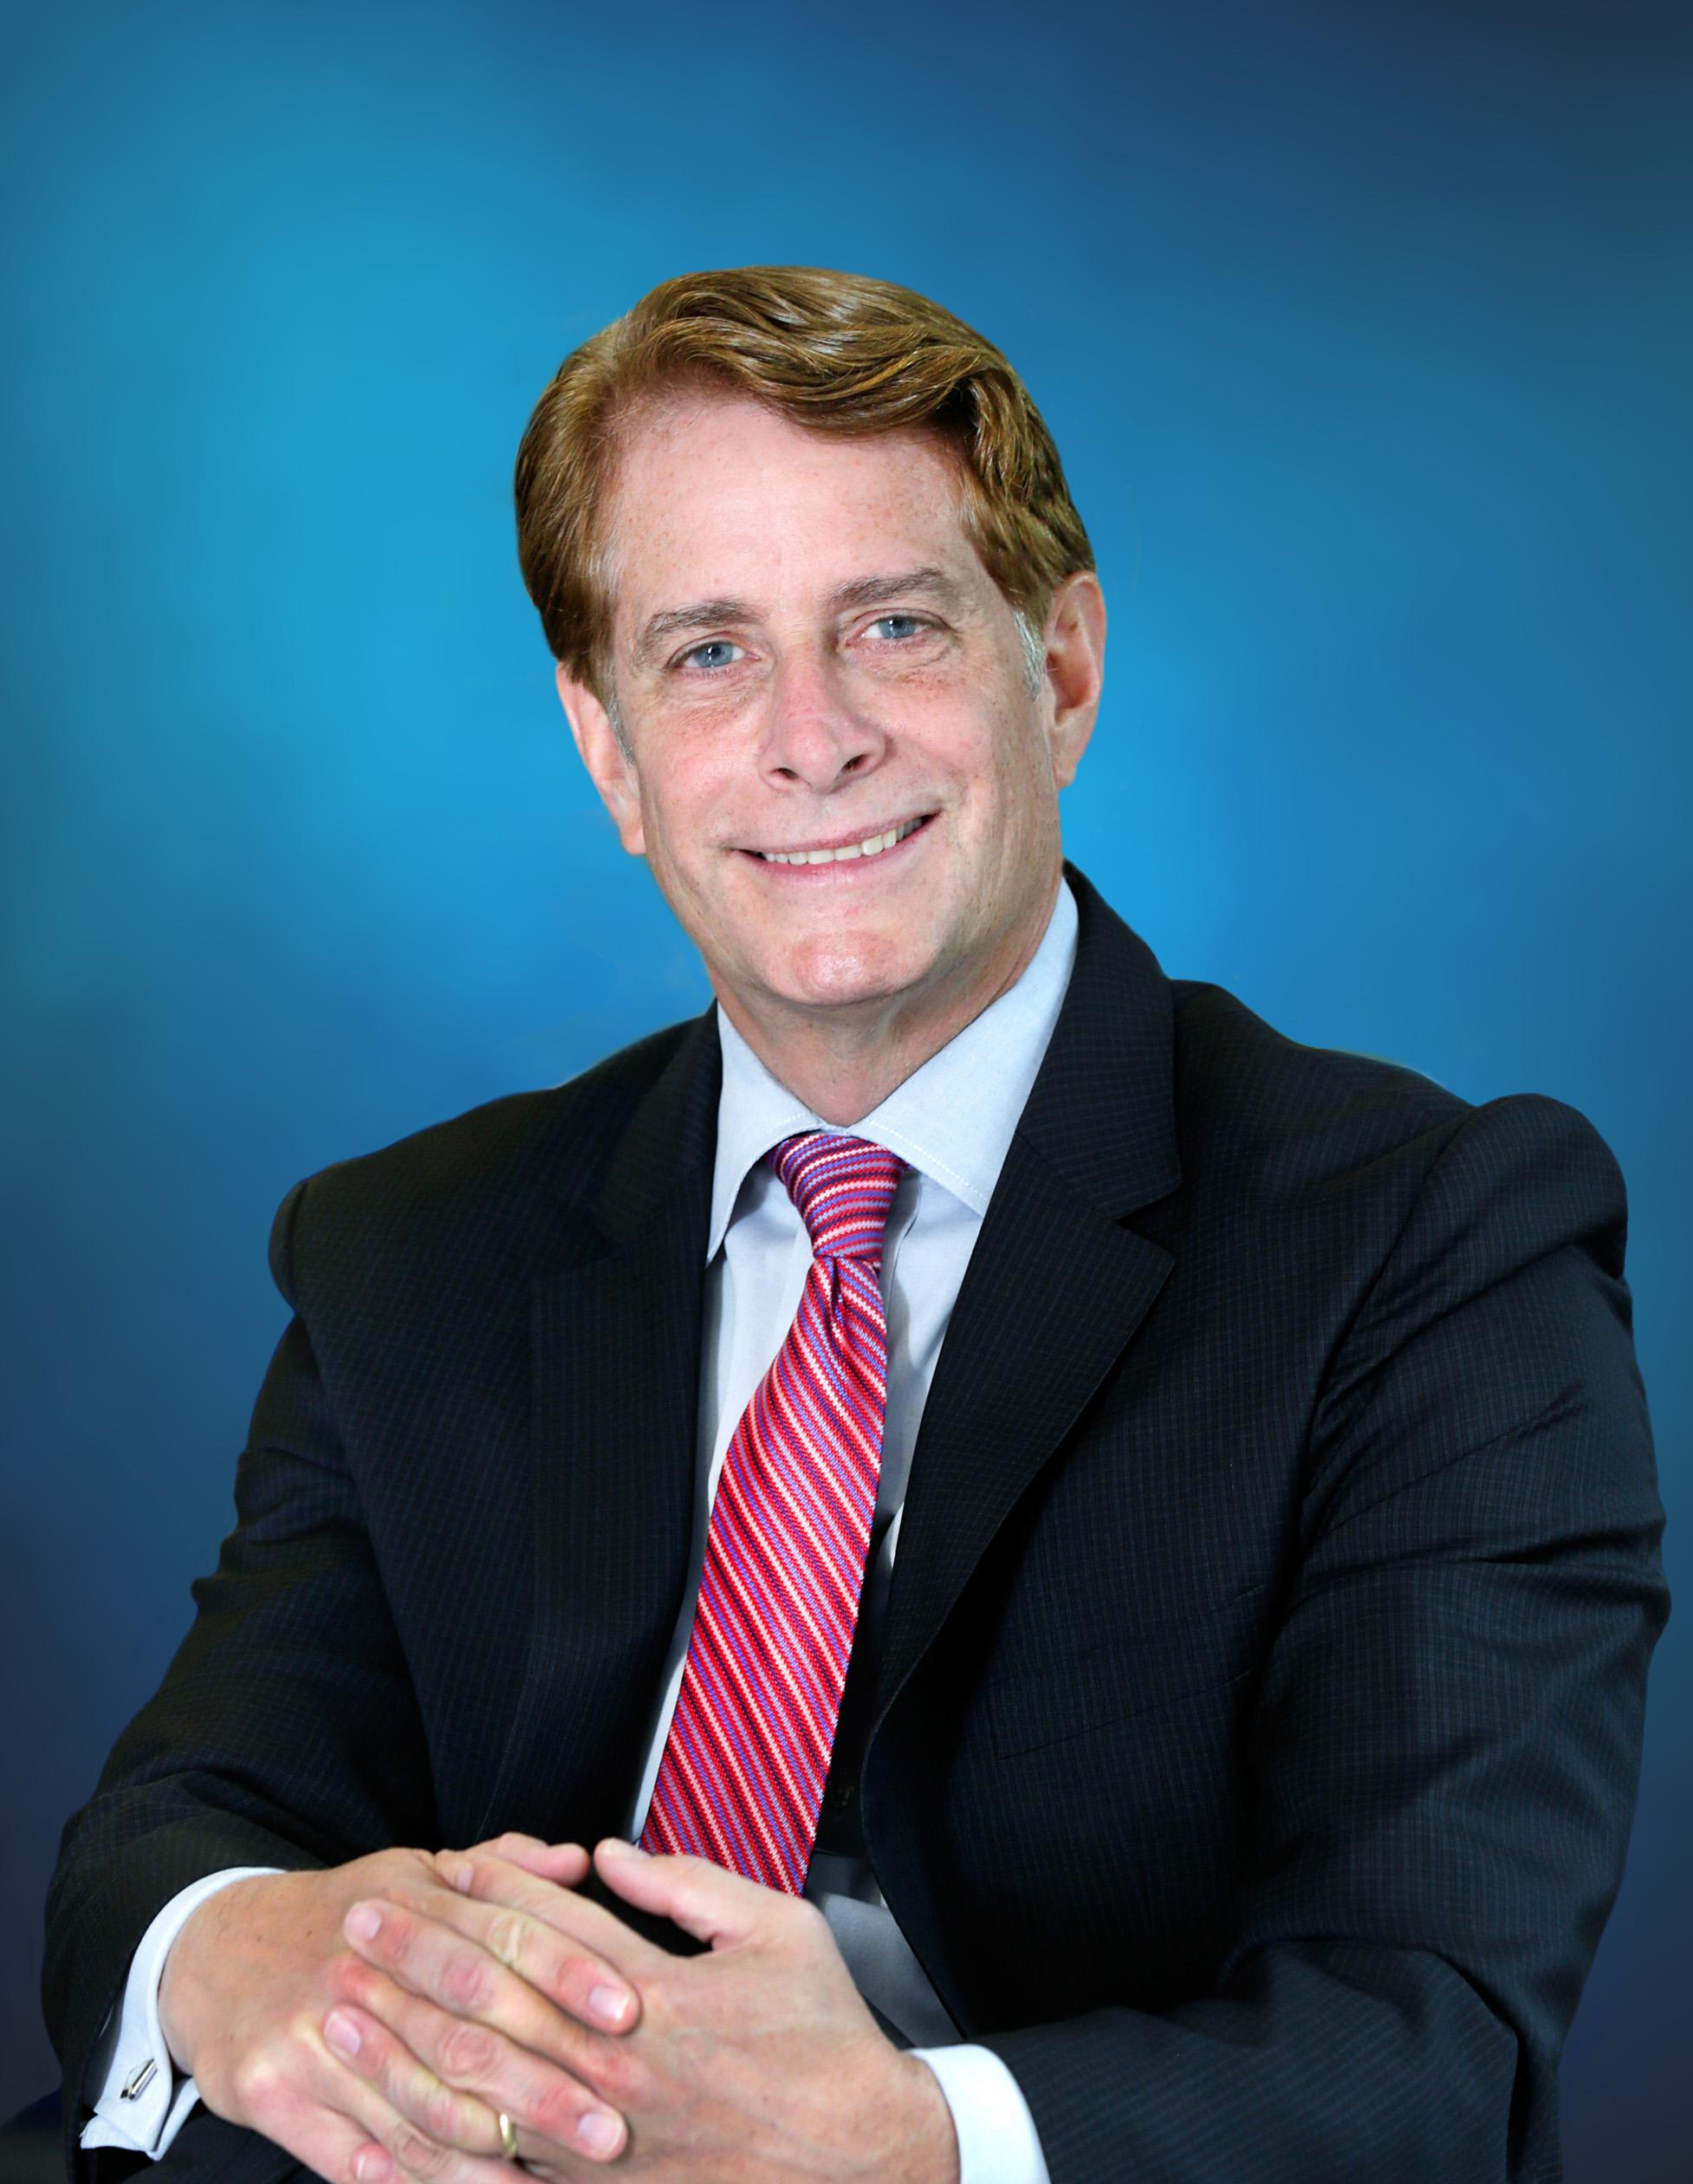 Robert C. Garrett, FACHE, co-CEO, Hackensack Meridian Health